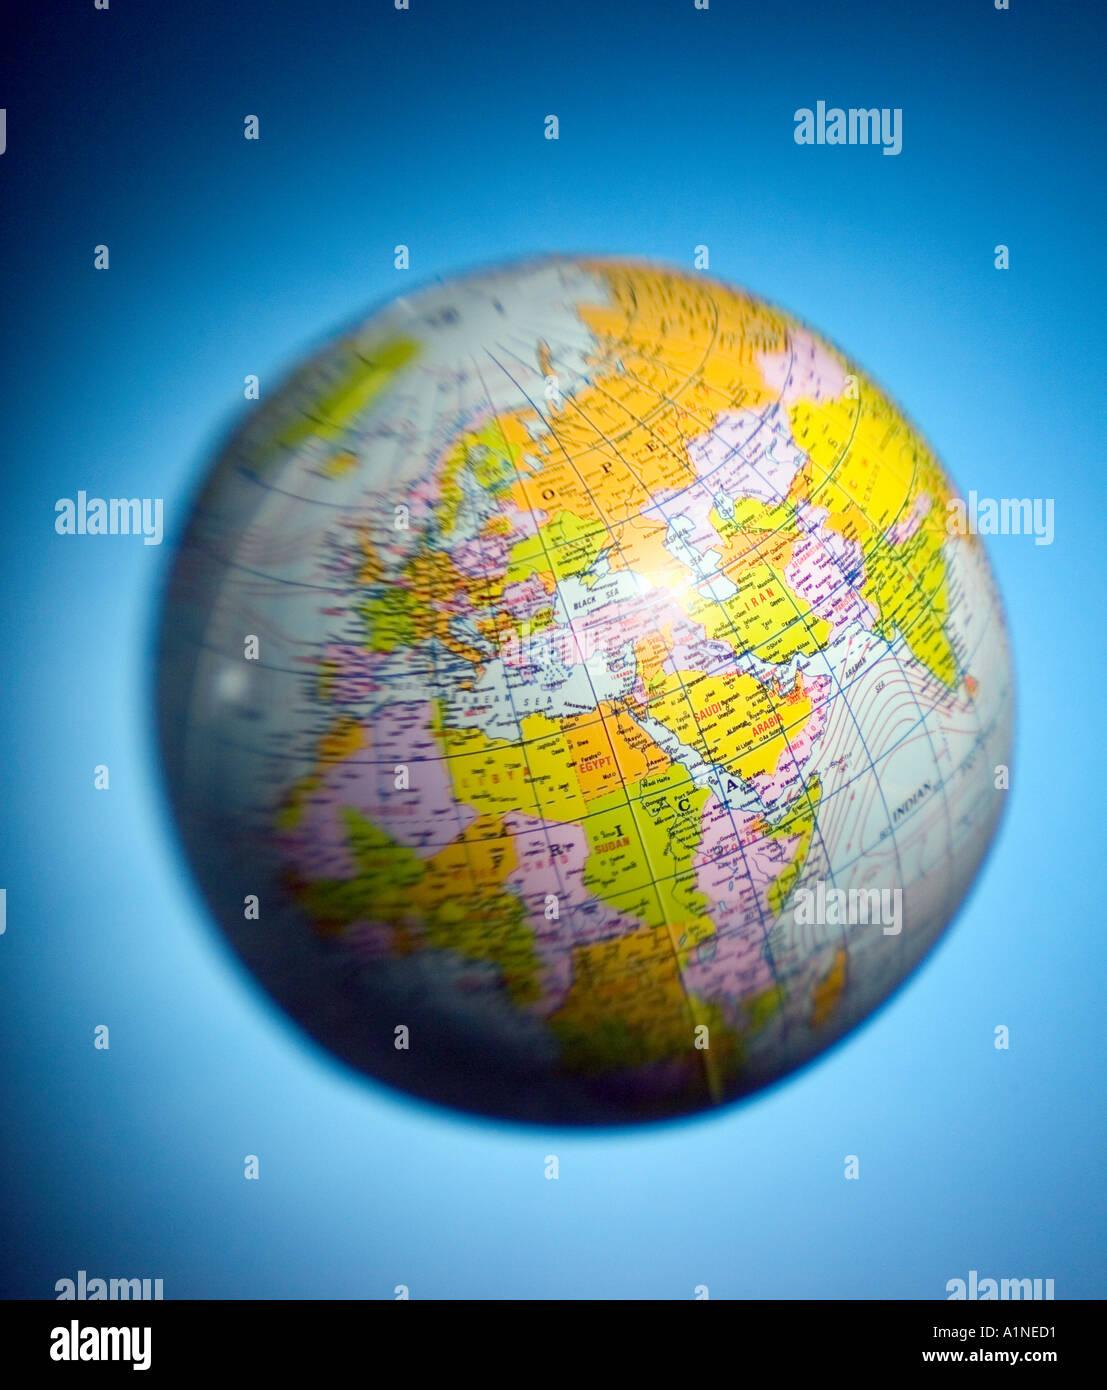 World Globe - Stock Image